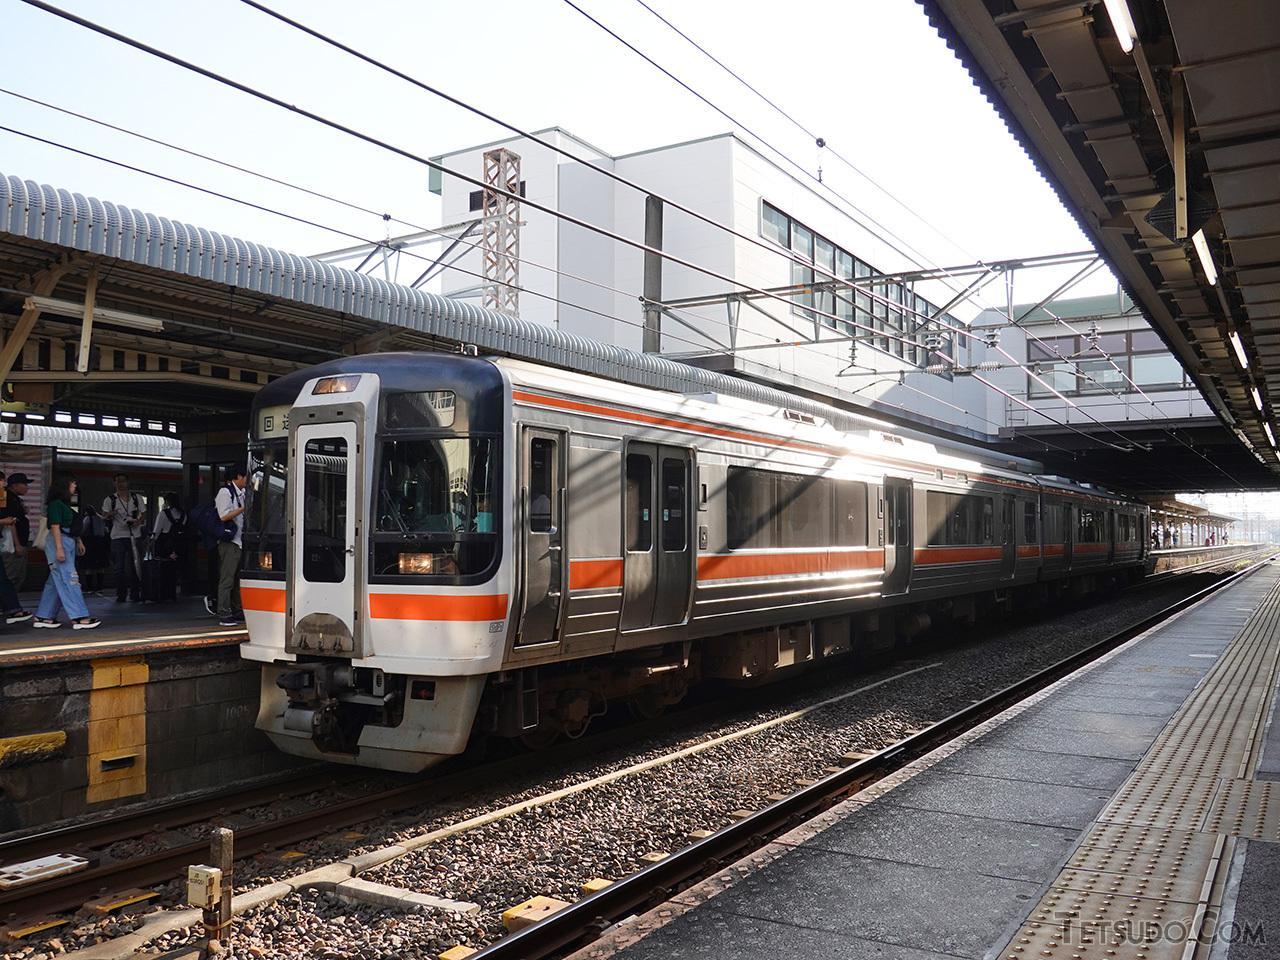 大垣駅で出発を待つキハ75形3208・3308の2連。見た目は東海道本線を走る311系そっくりで、筆者に「何が珍しいんですか?」と尋ねる一般客の姿も